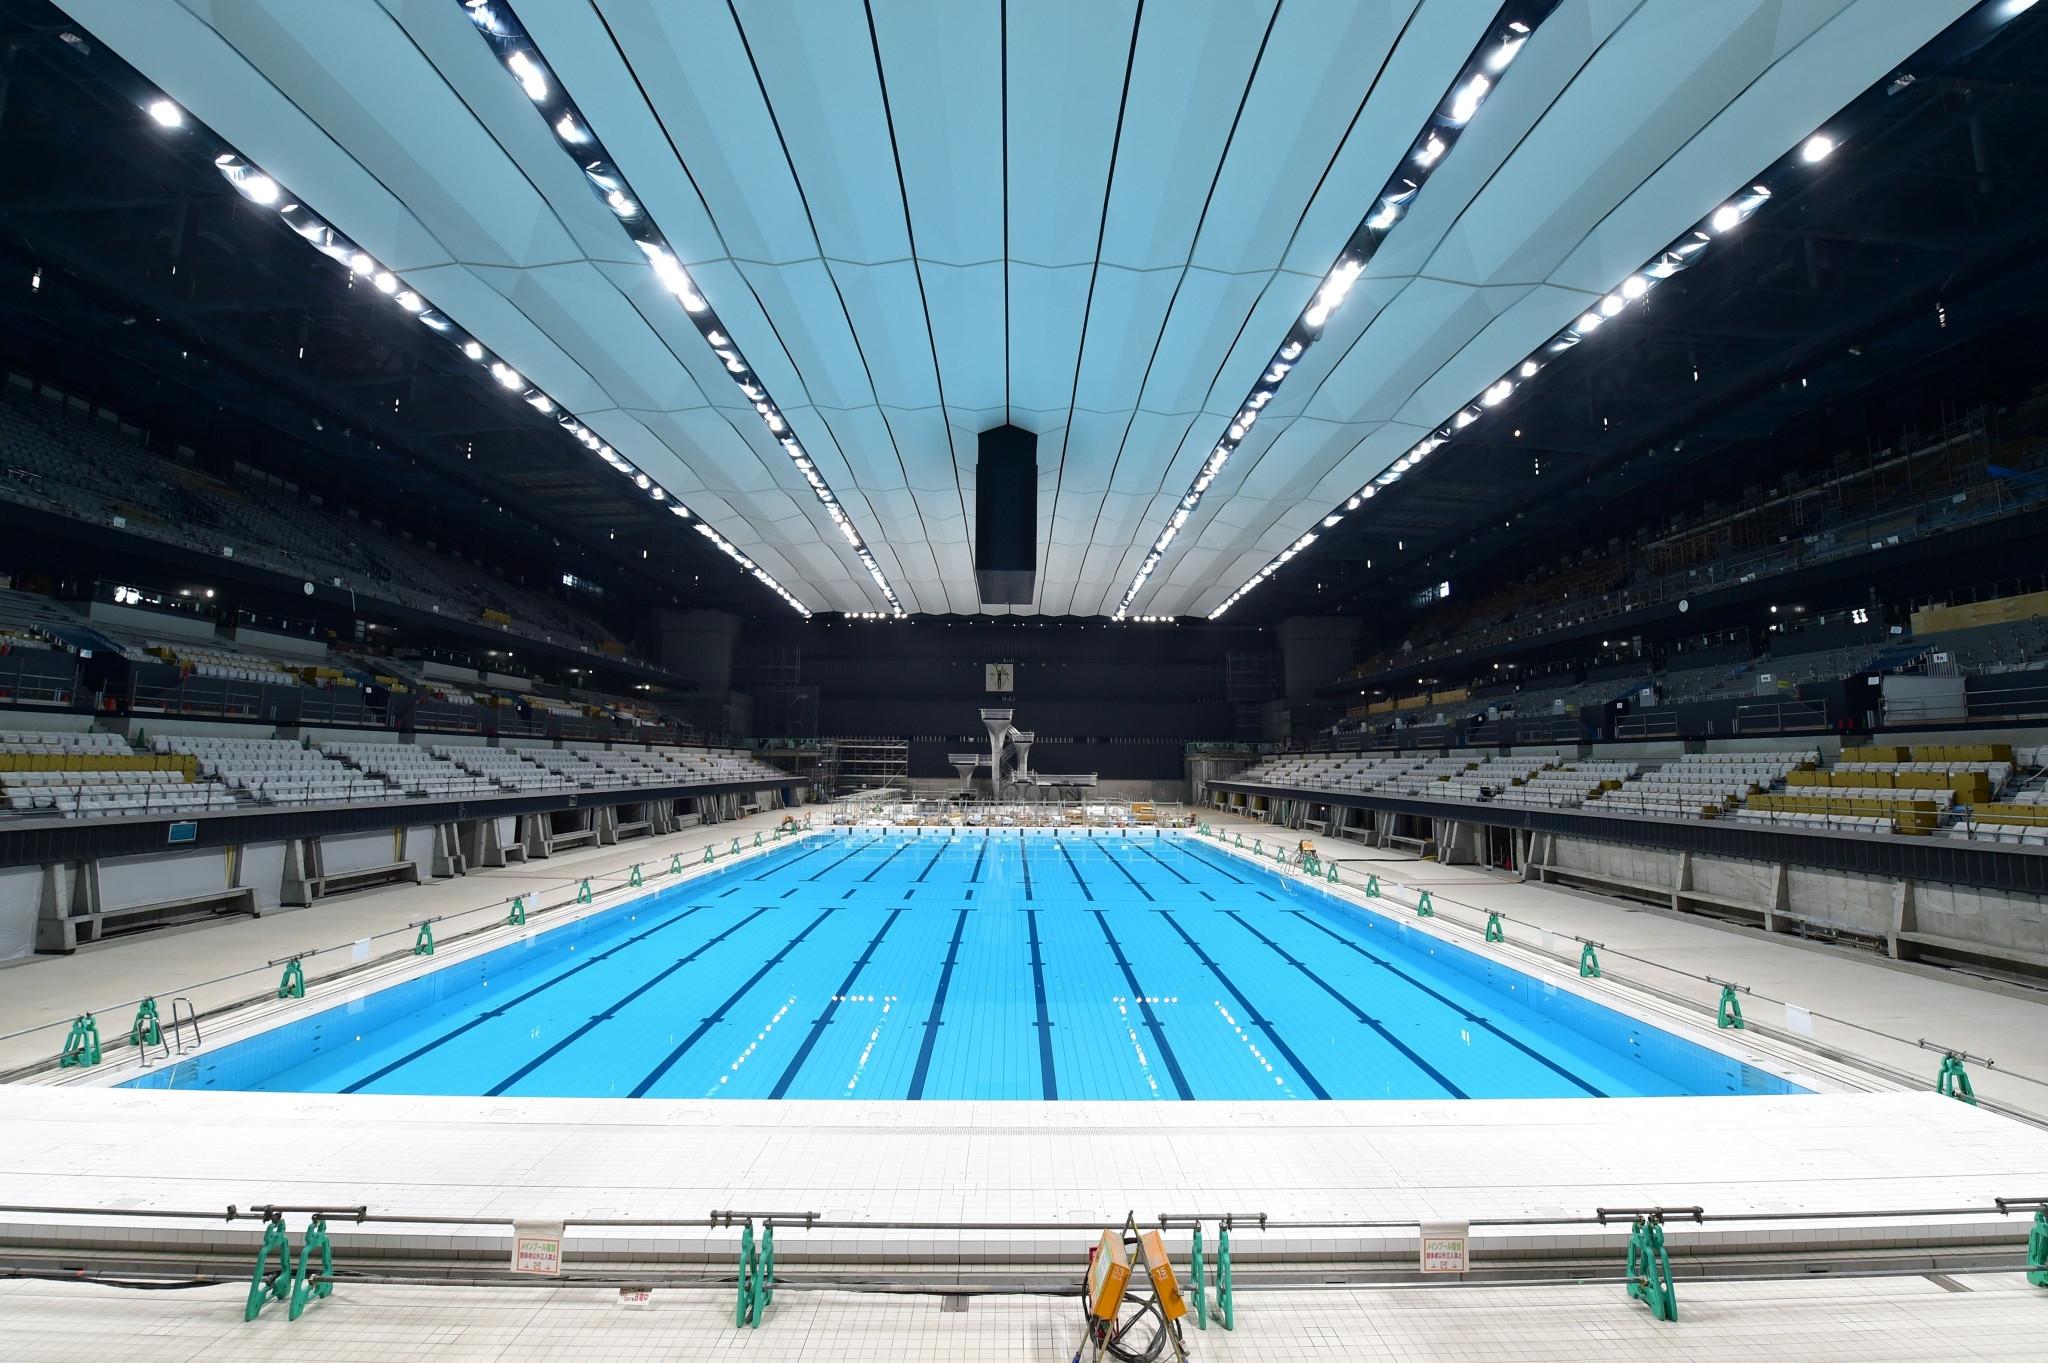 Официалното откриване на плувния център в Токио, на който трябва